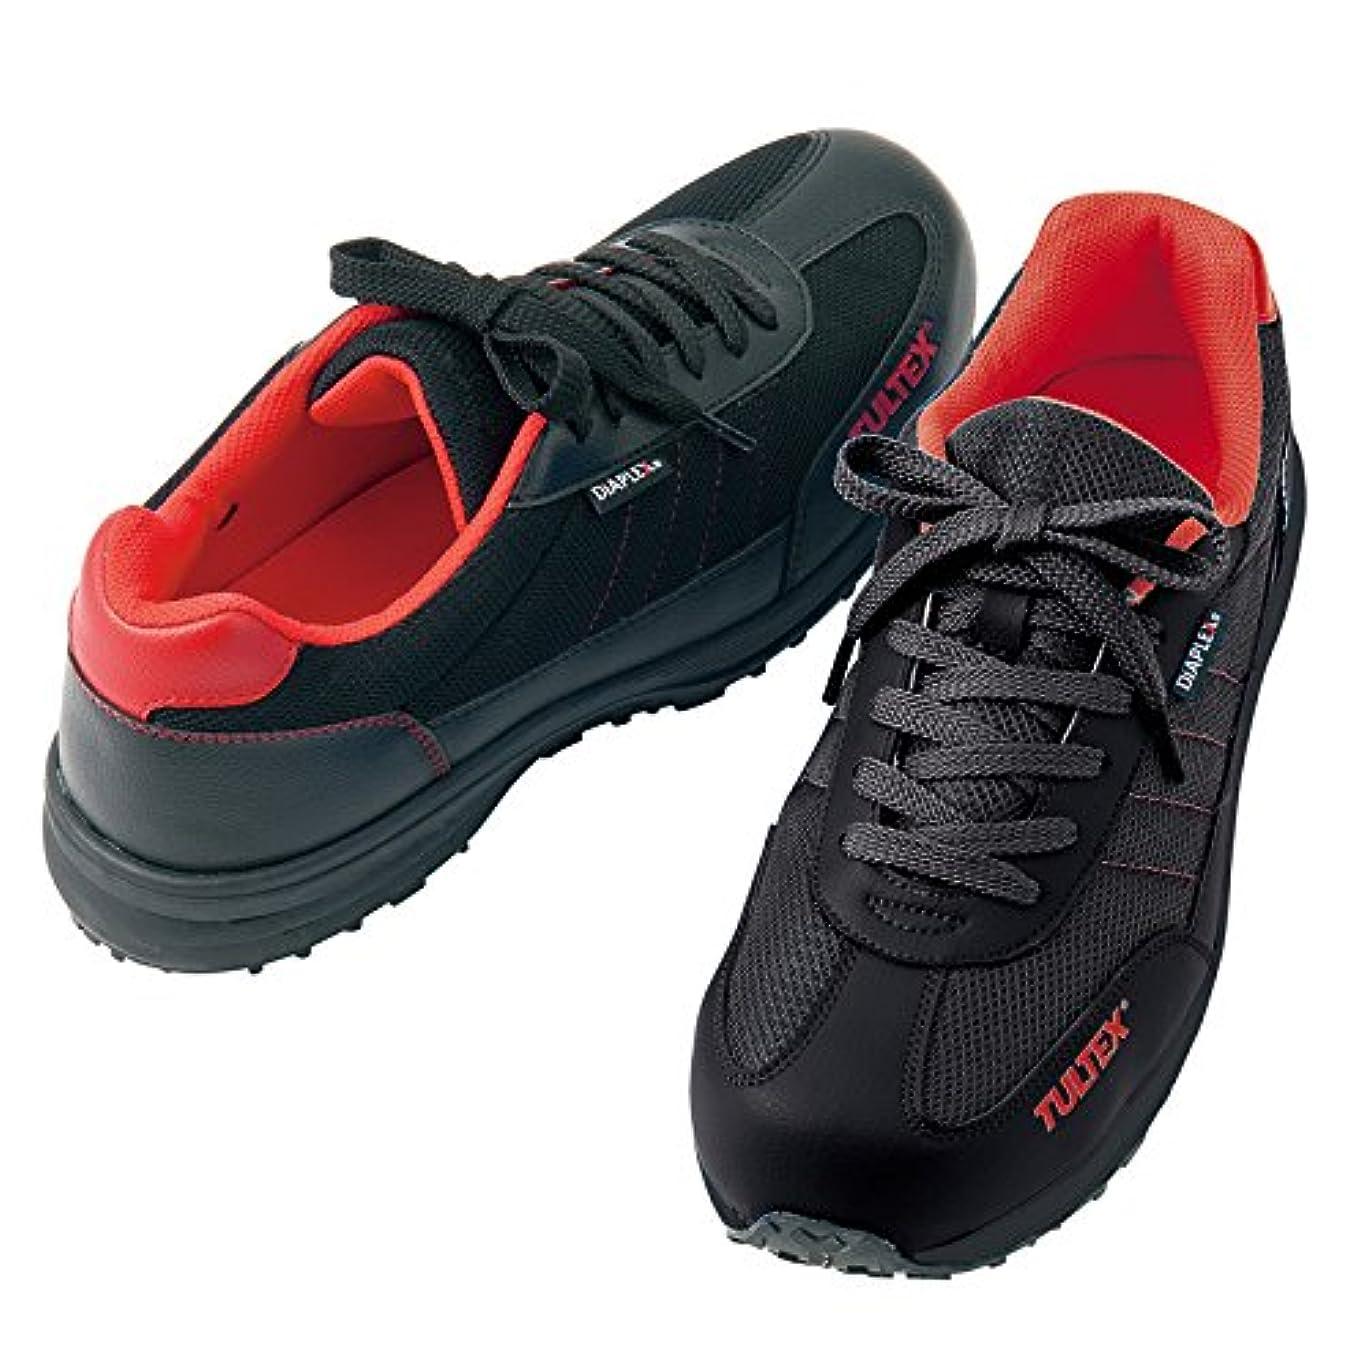 やりすぎ彫刻家献身アイトス AITOZ 防水セーフティシューズ 安全靴 (世界最高水準の防水?透湿素材を採用 (AZ56381) 【22.5~30.0cmサイズ展開】